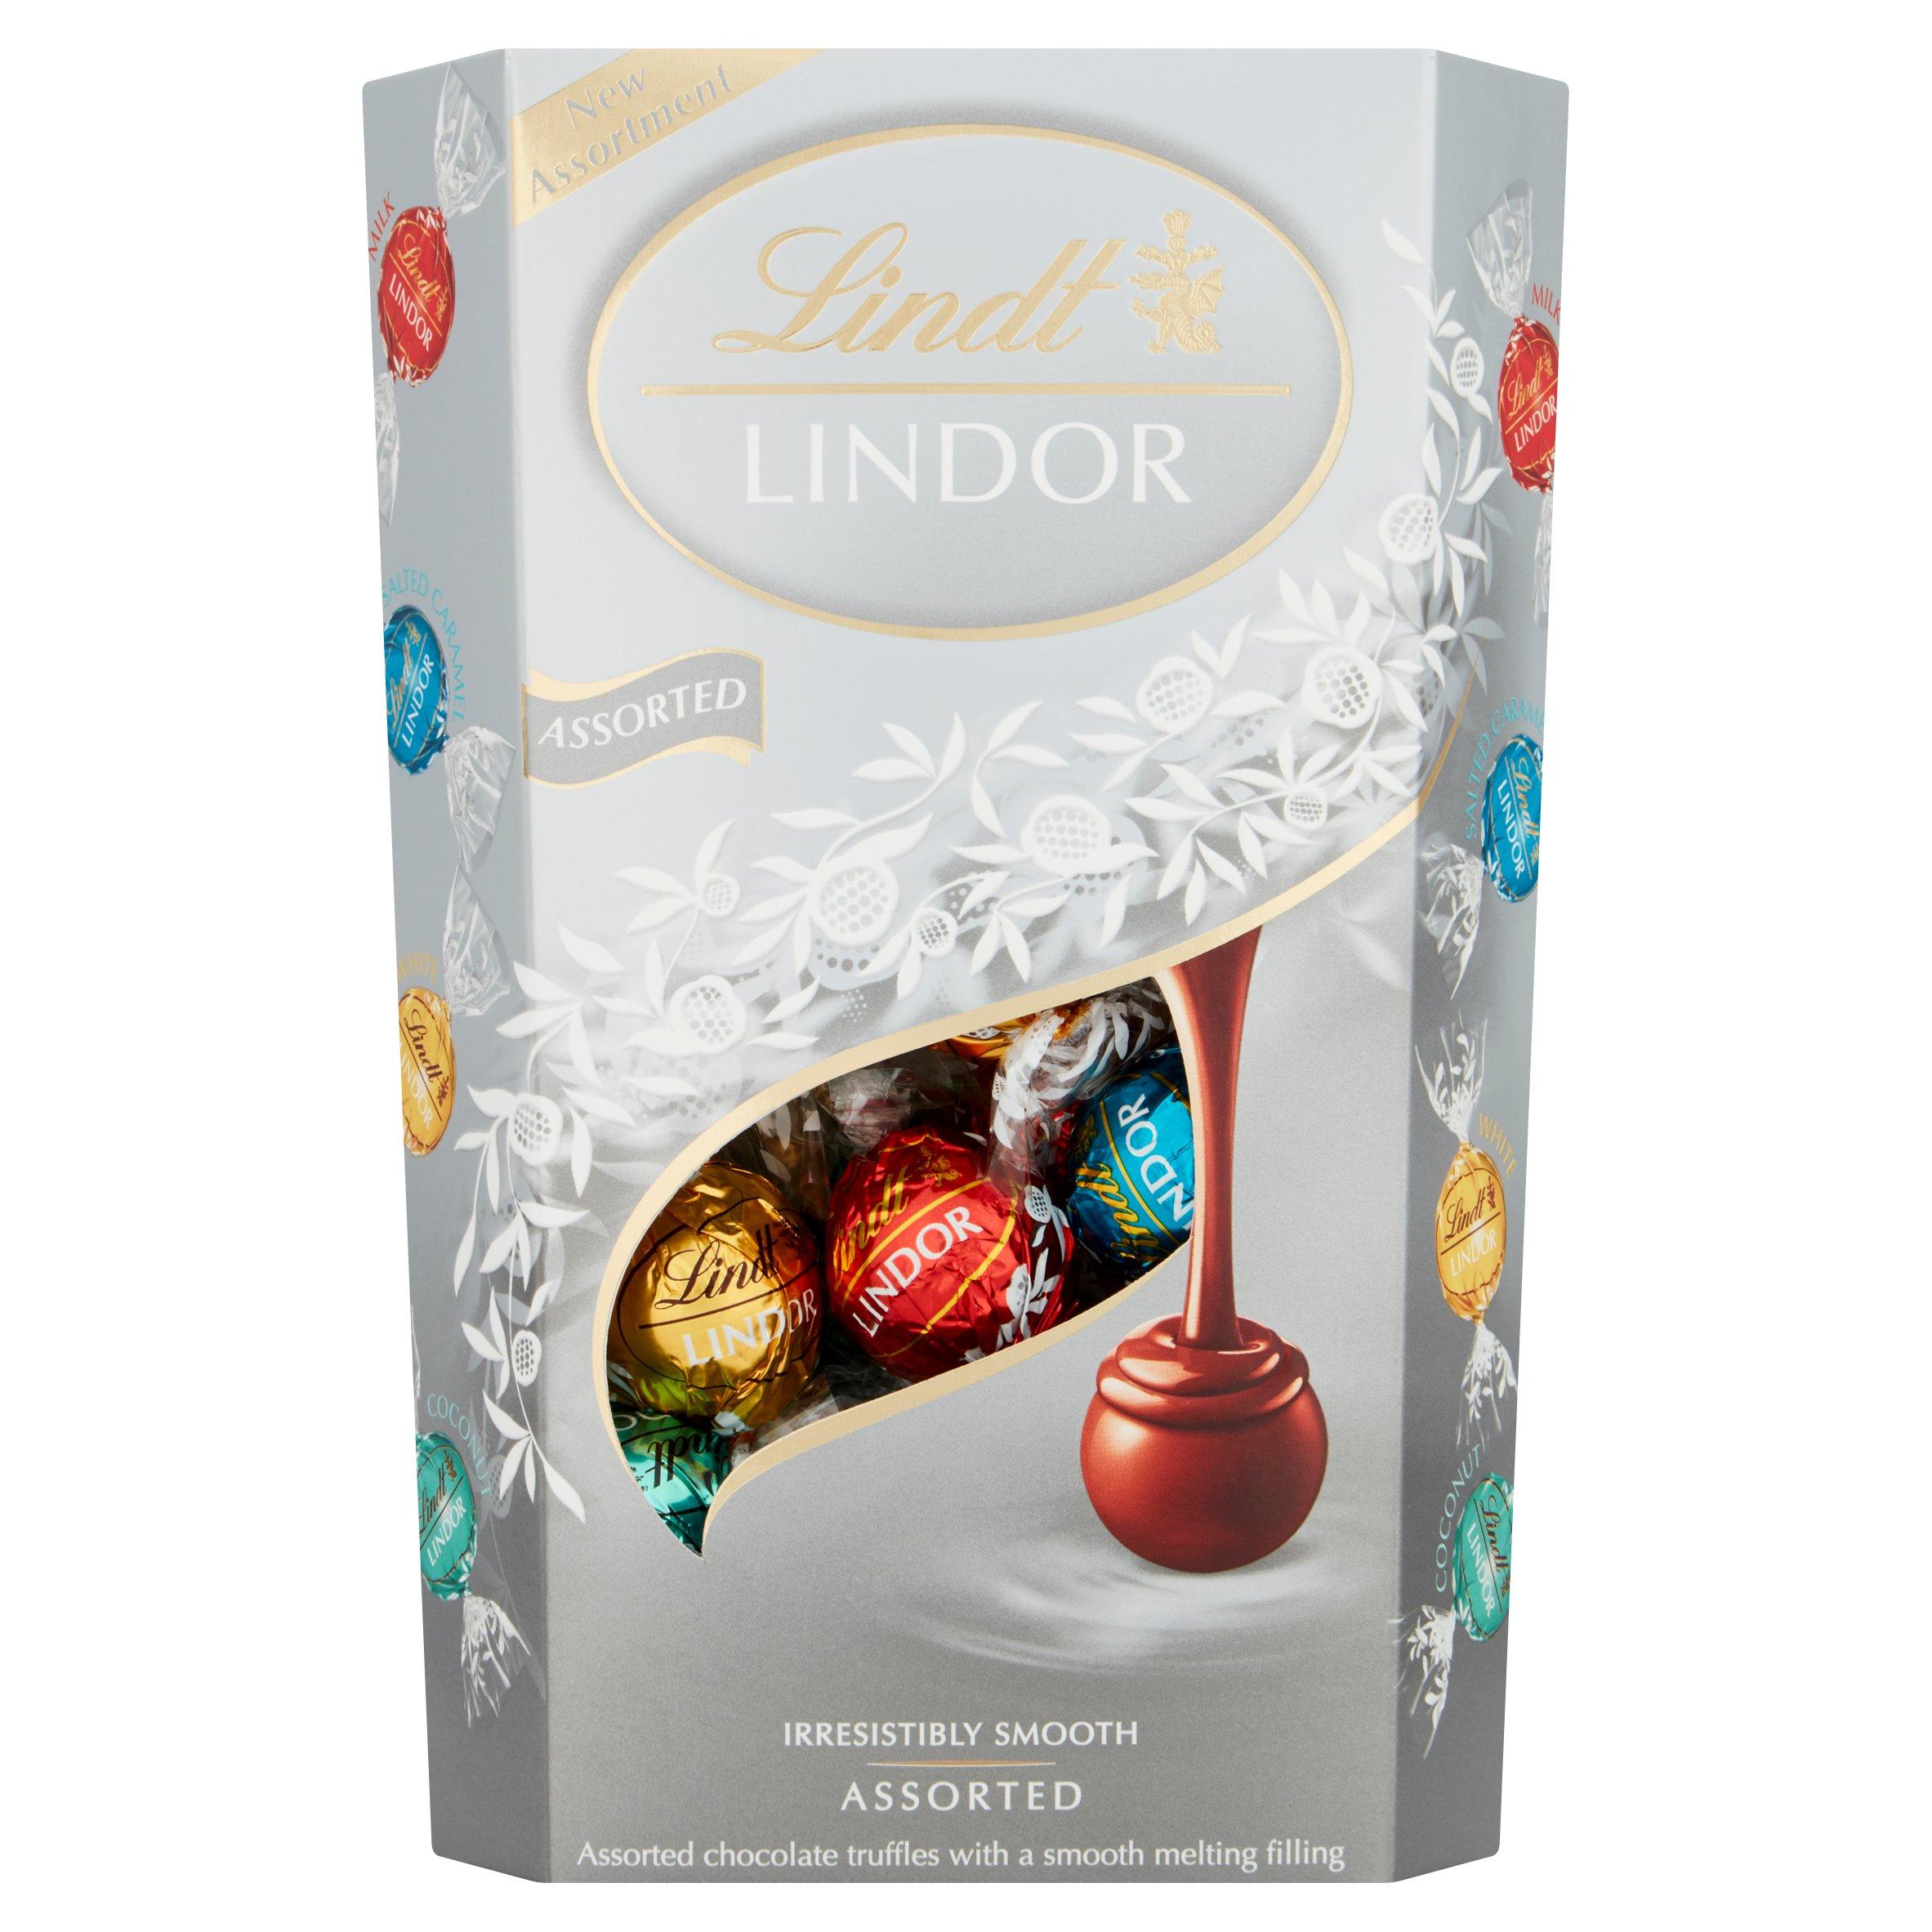 Lindt Lindor Limited Edition 337G